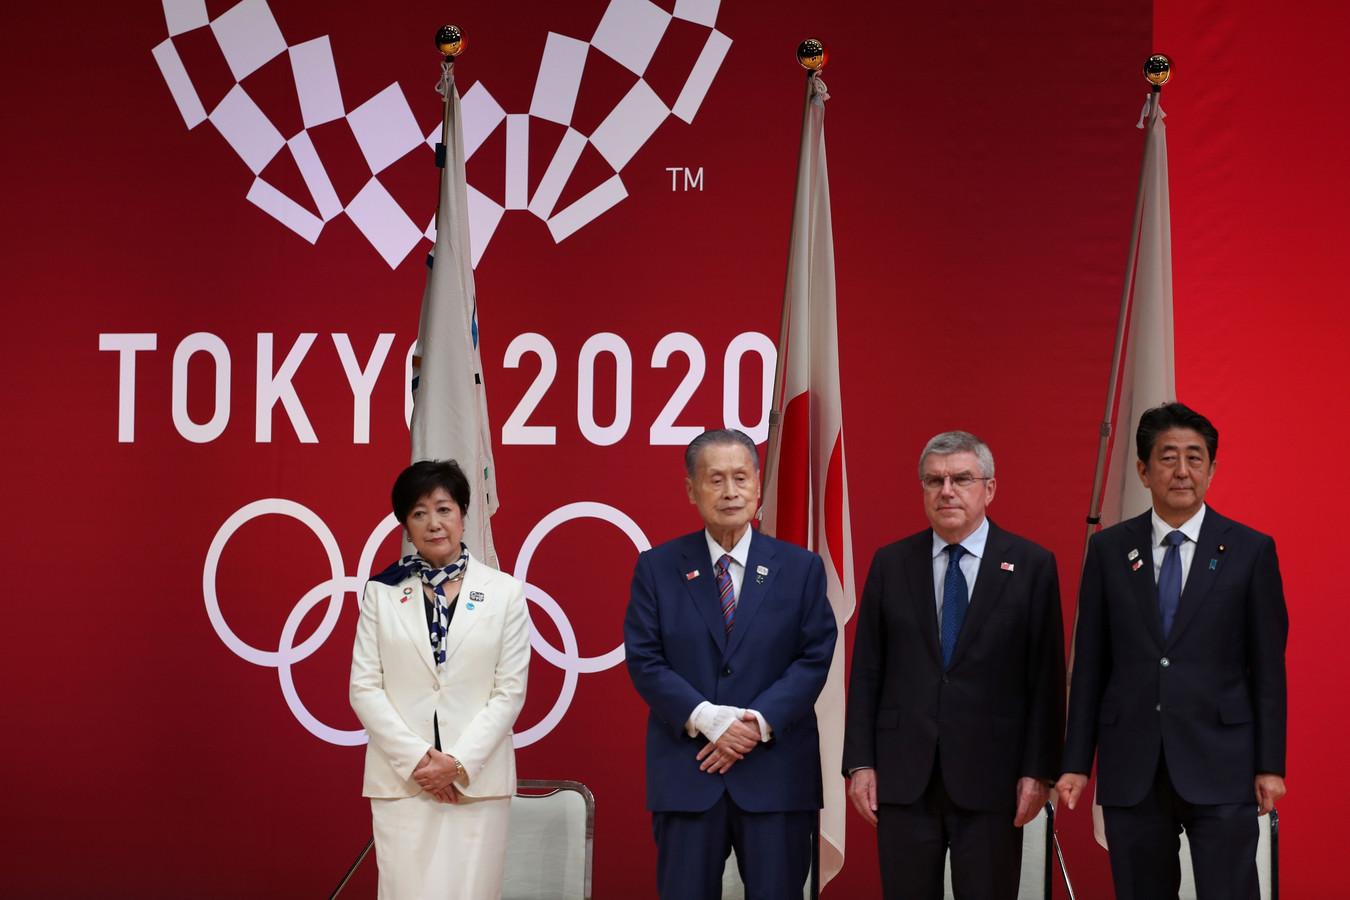 De gauche à droite: Yuriko Koike, Yoshiro Mori, Thomas Bach, and Shinzo Abe.